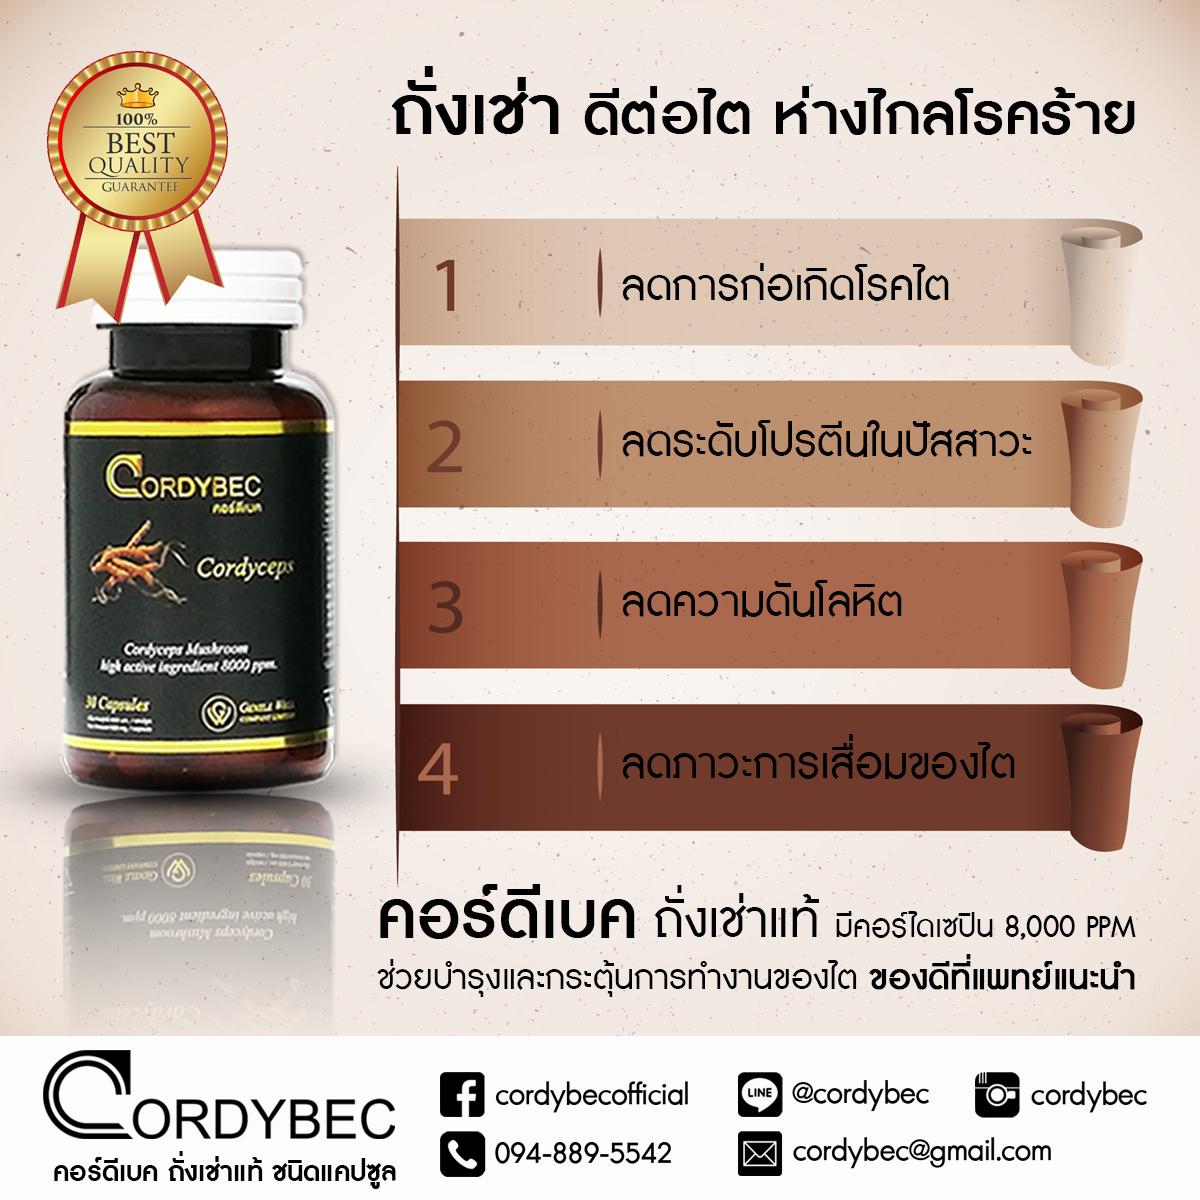 Cordybec kidney 020